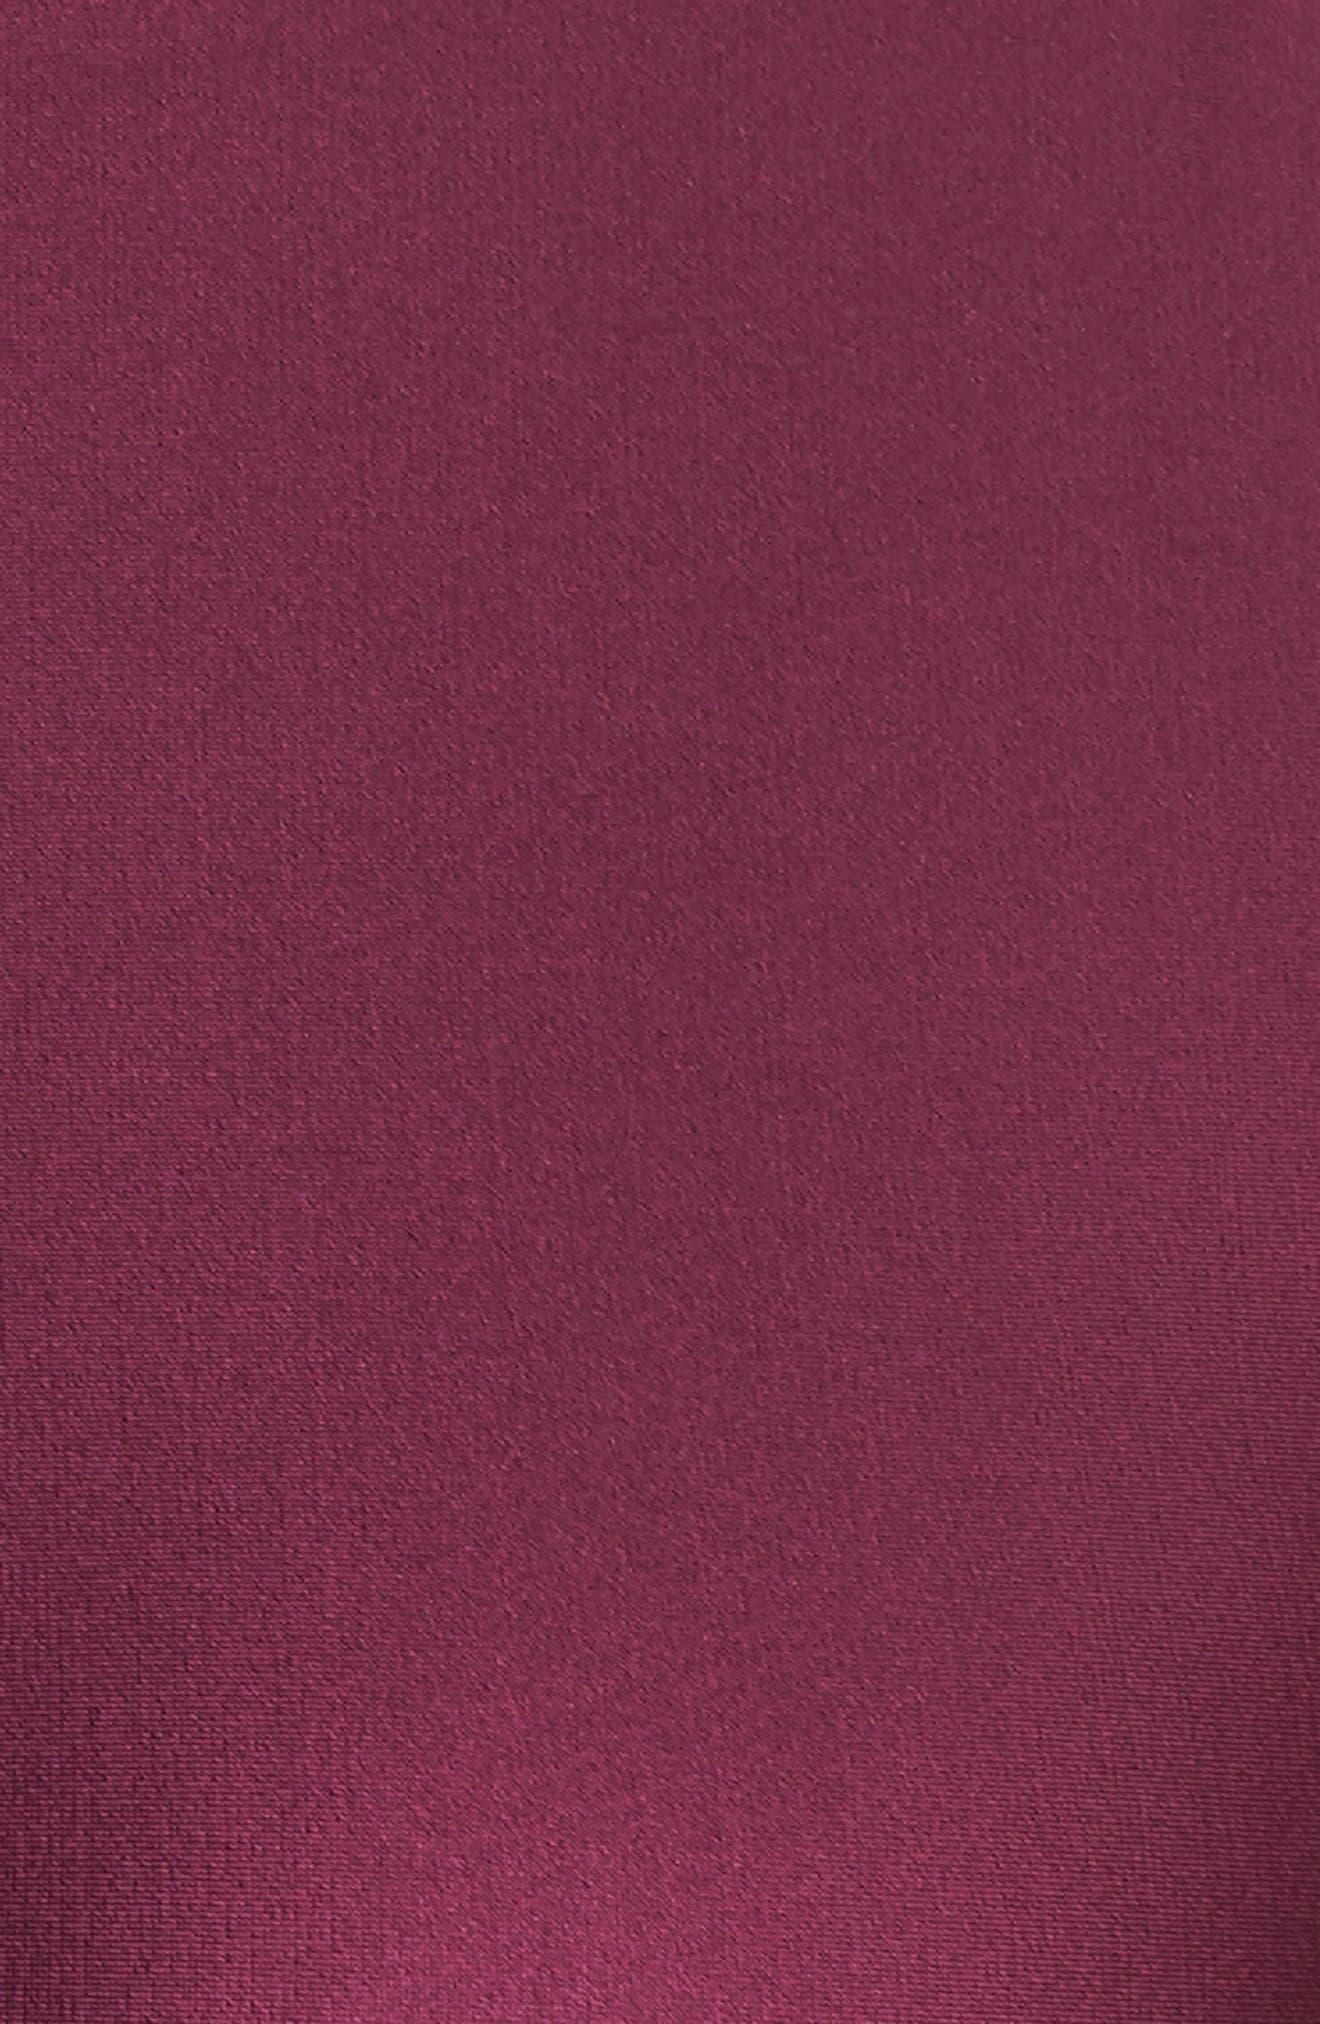 NikeLab Collection Dri-FIT Women's Crop Tank,                             Alternate thumbnail 6, color,                             Bordeaux